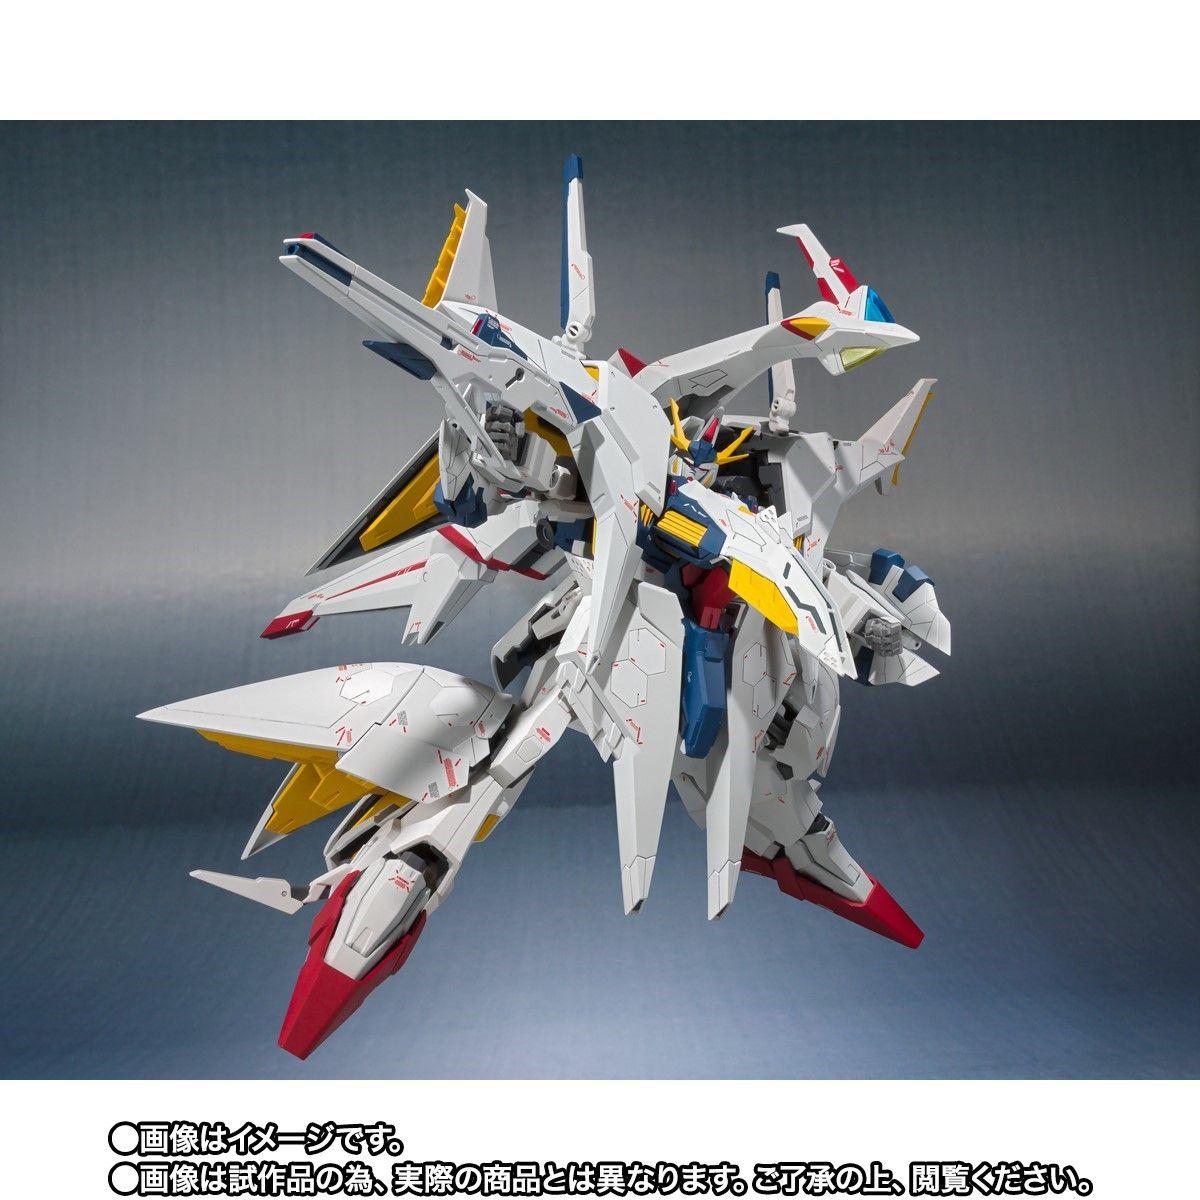 【限定販売】ROBOT魂 Ka signature〈SIDE MS〉『ペーネロペー(機動戦士ガンダム 閃光のハサウェイVer.)』可動フィギュア-007